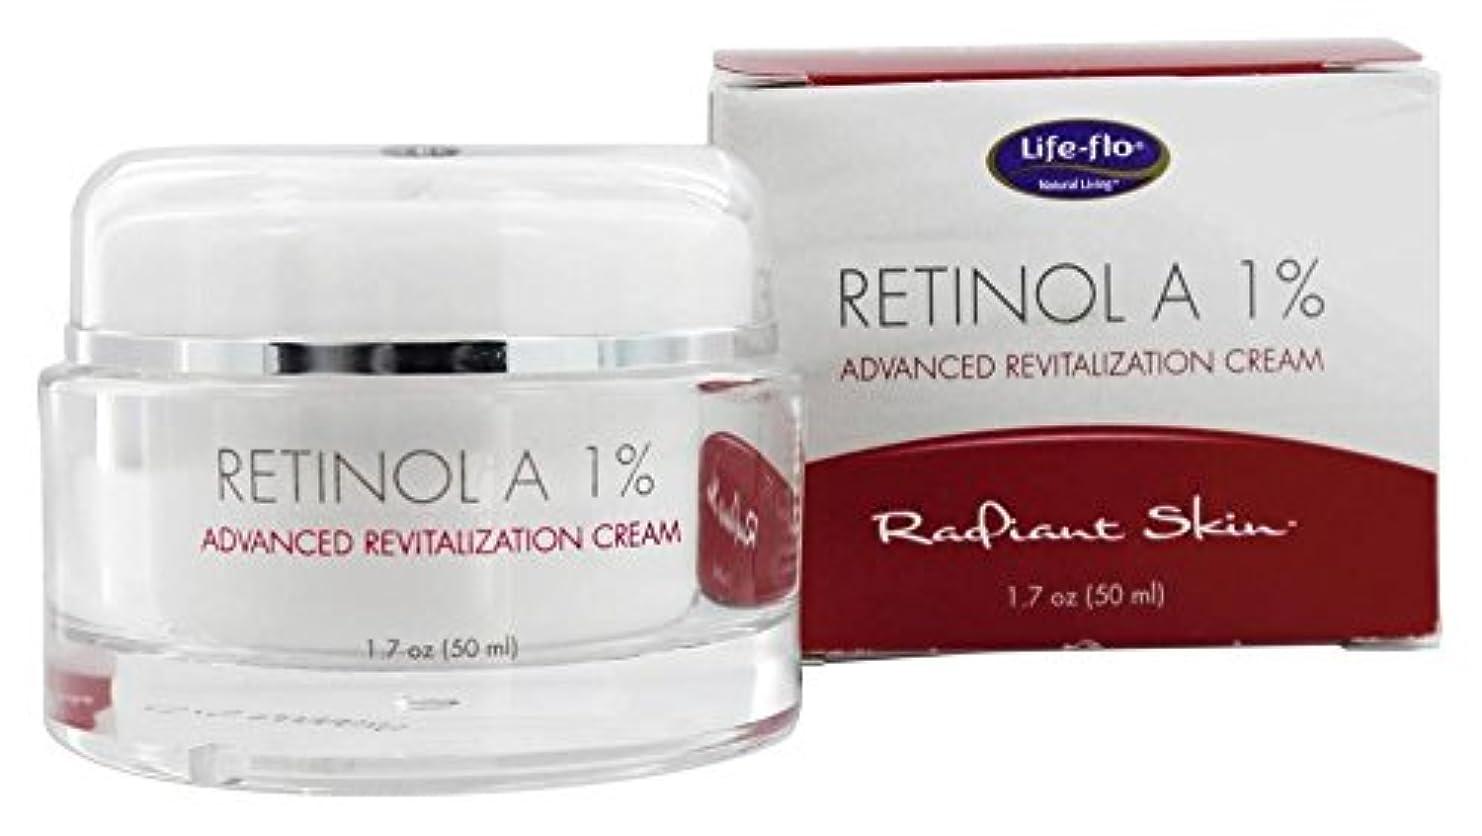 数悲惨な墓海外直送品 Life-Flo Retinol A 1% Advanced Revitalization Cream, 1.7 oz